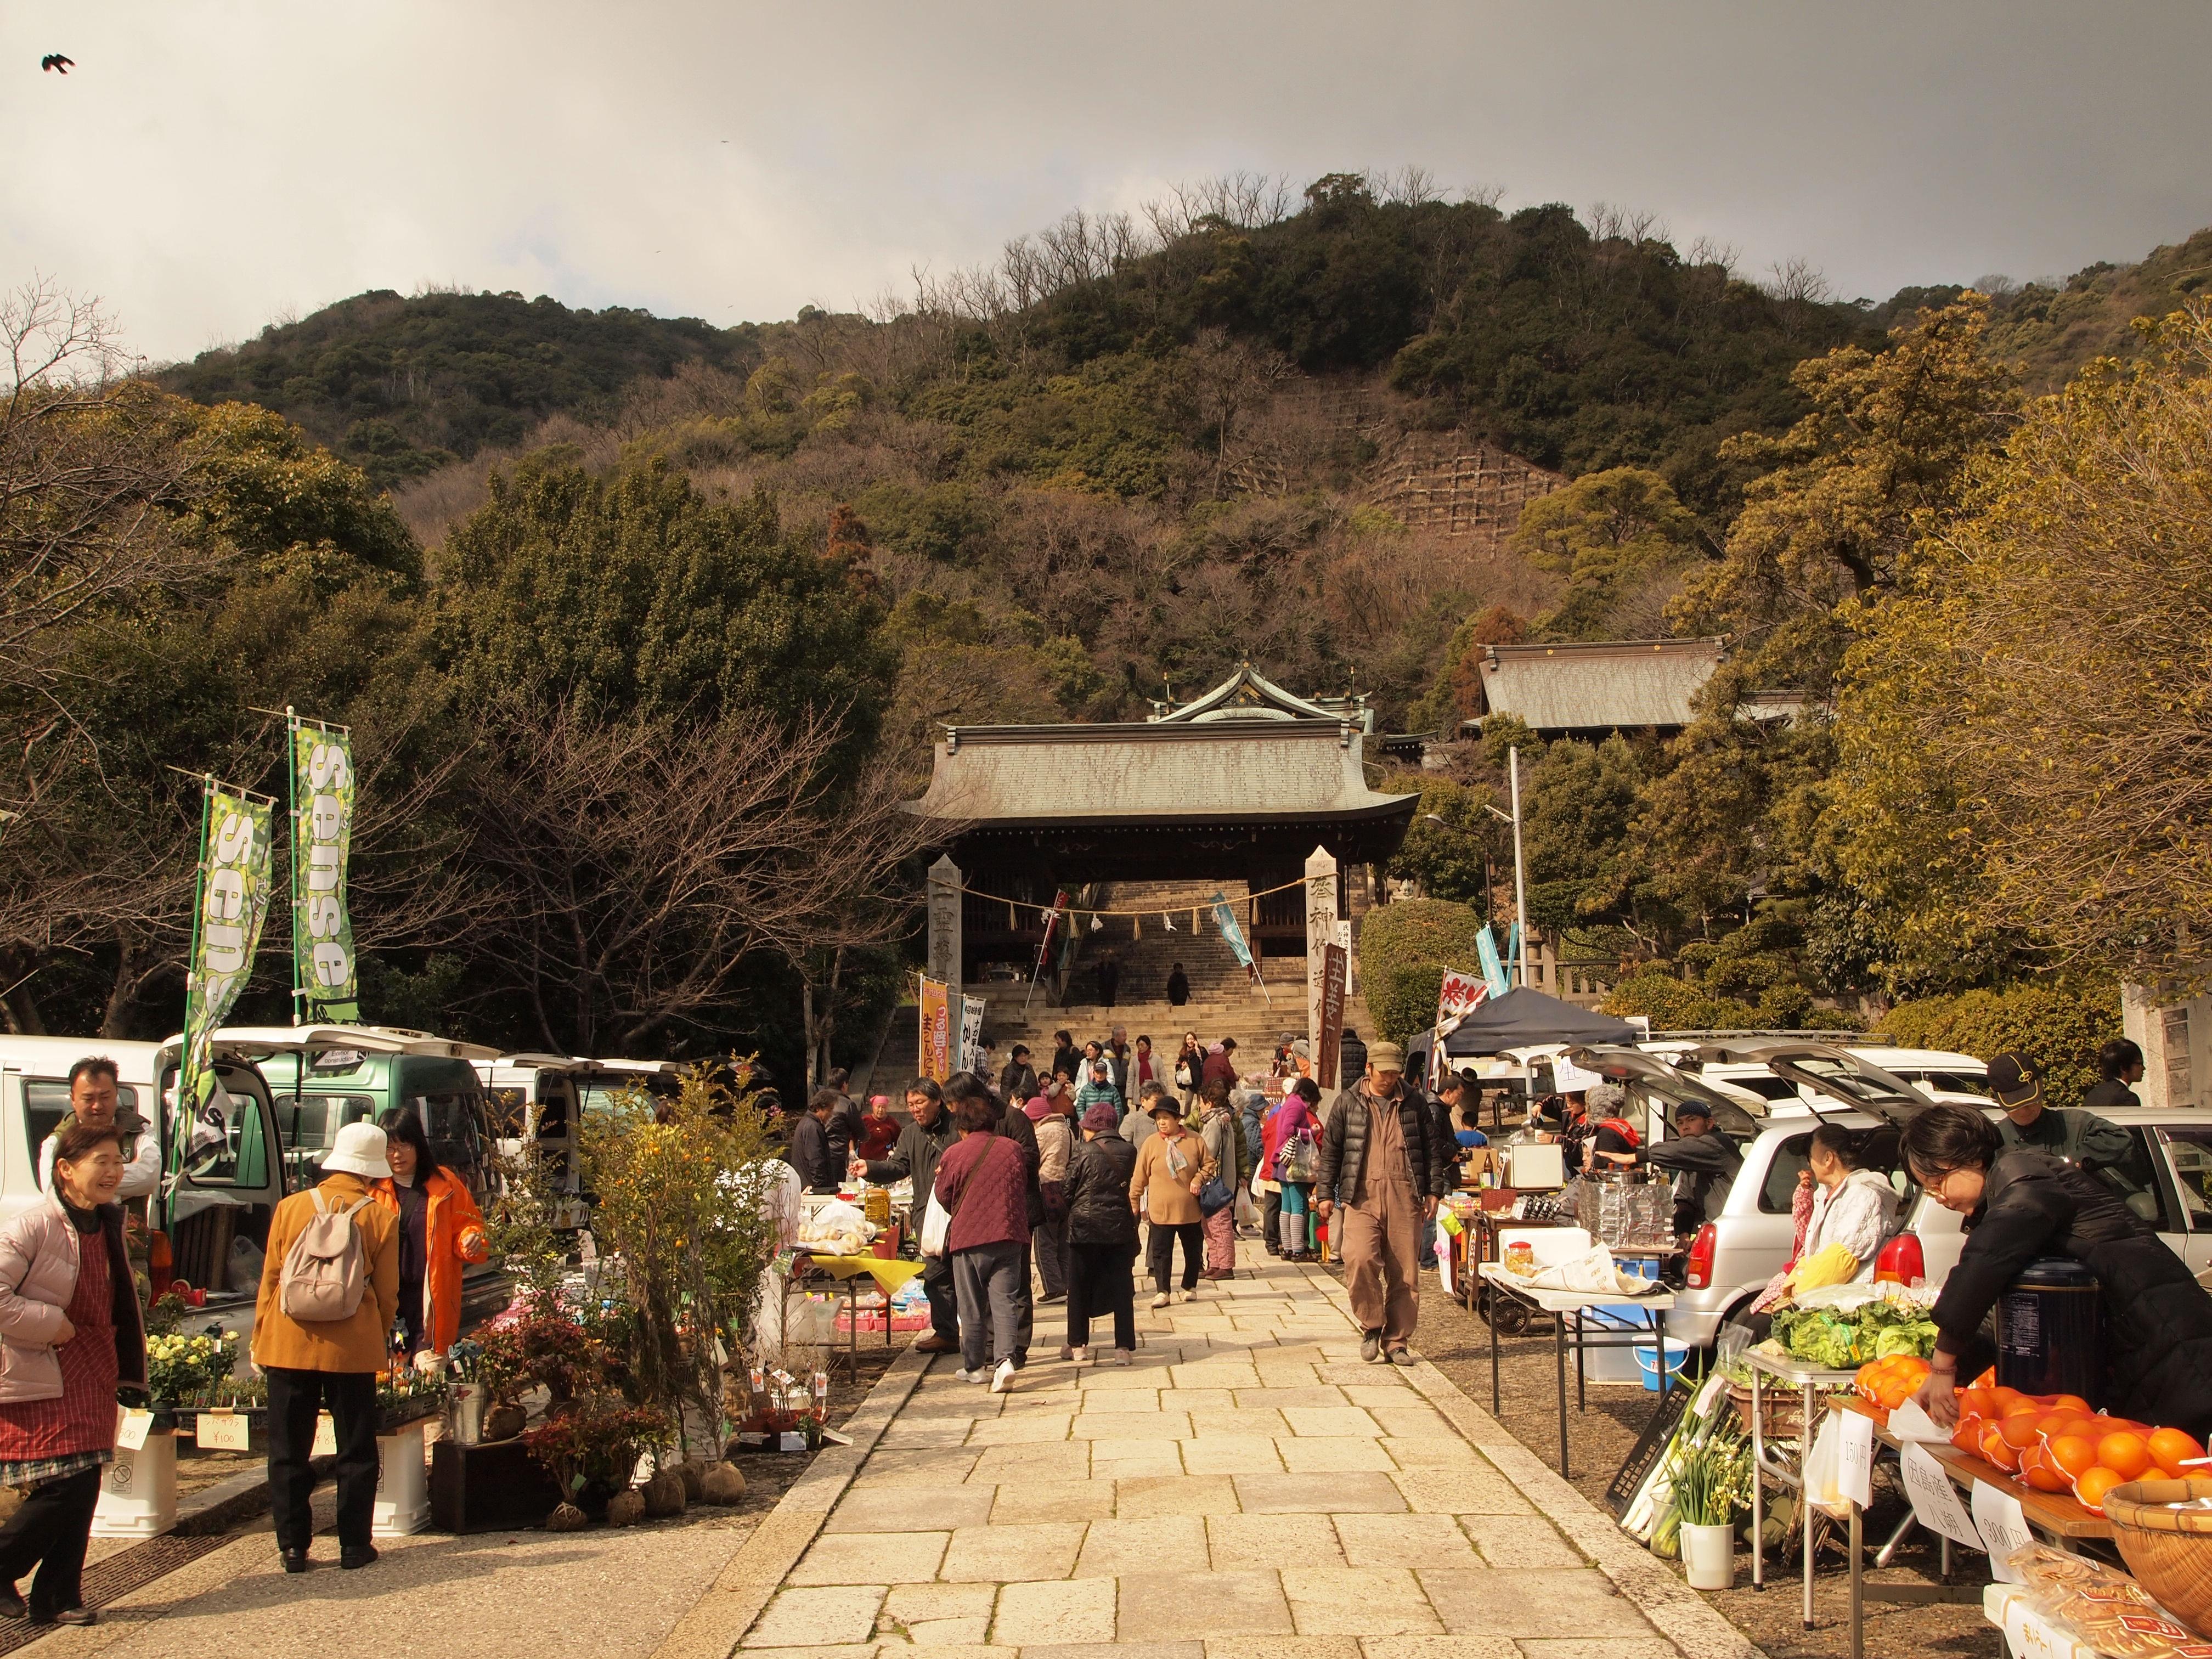 【特別開催】3月1日(土)、2日(日)はひな祭り軽トラ朝市2014